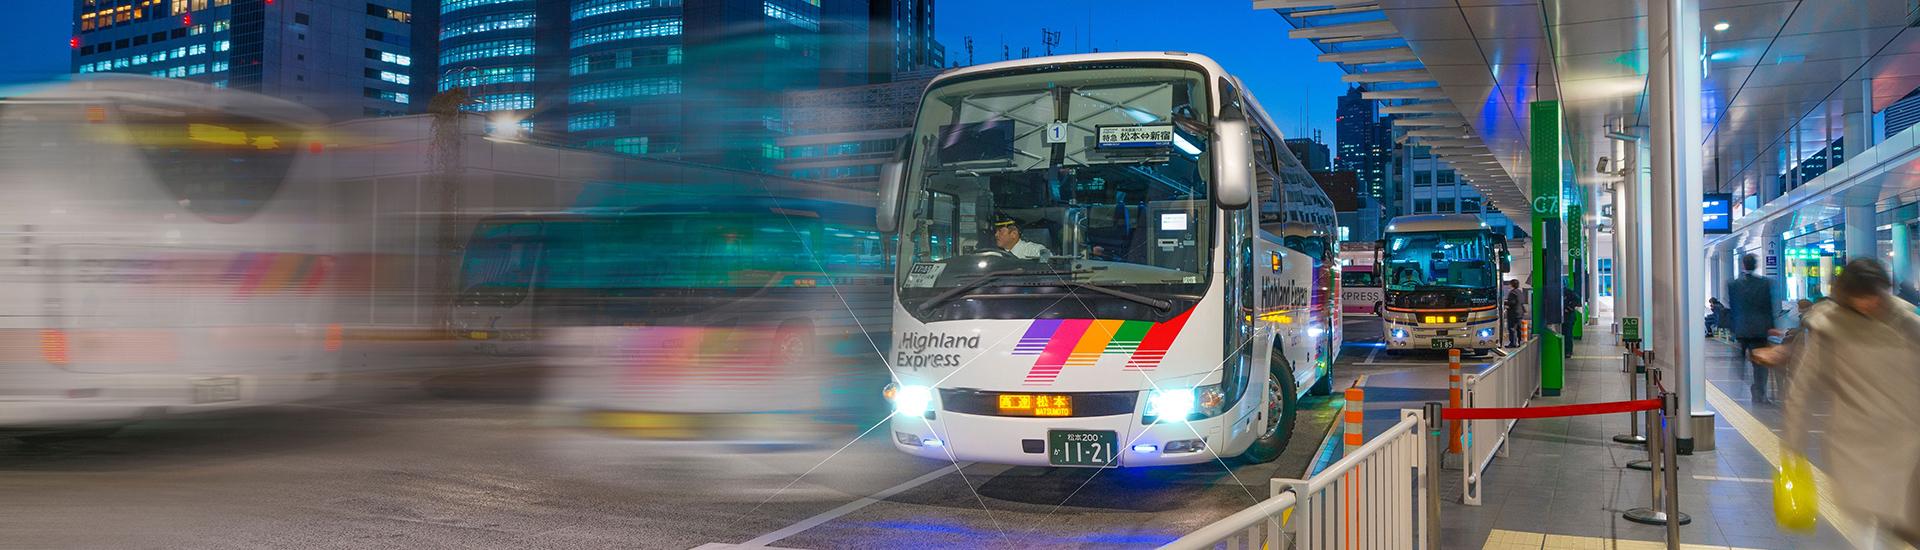 バス 中 日本 ツアー